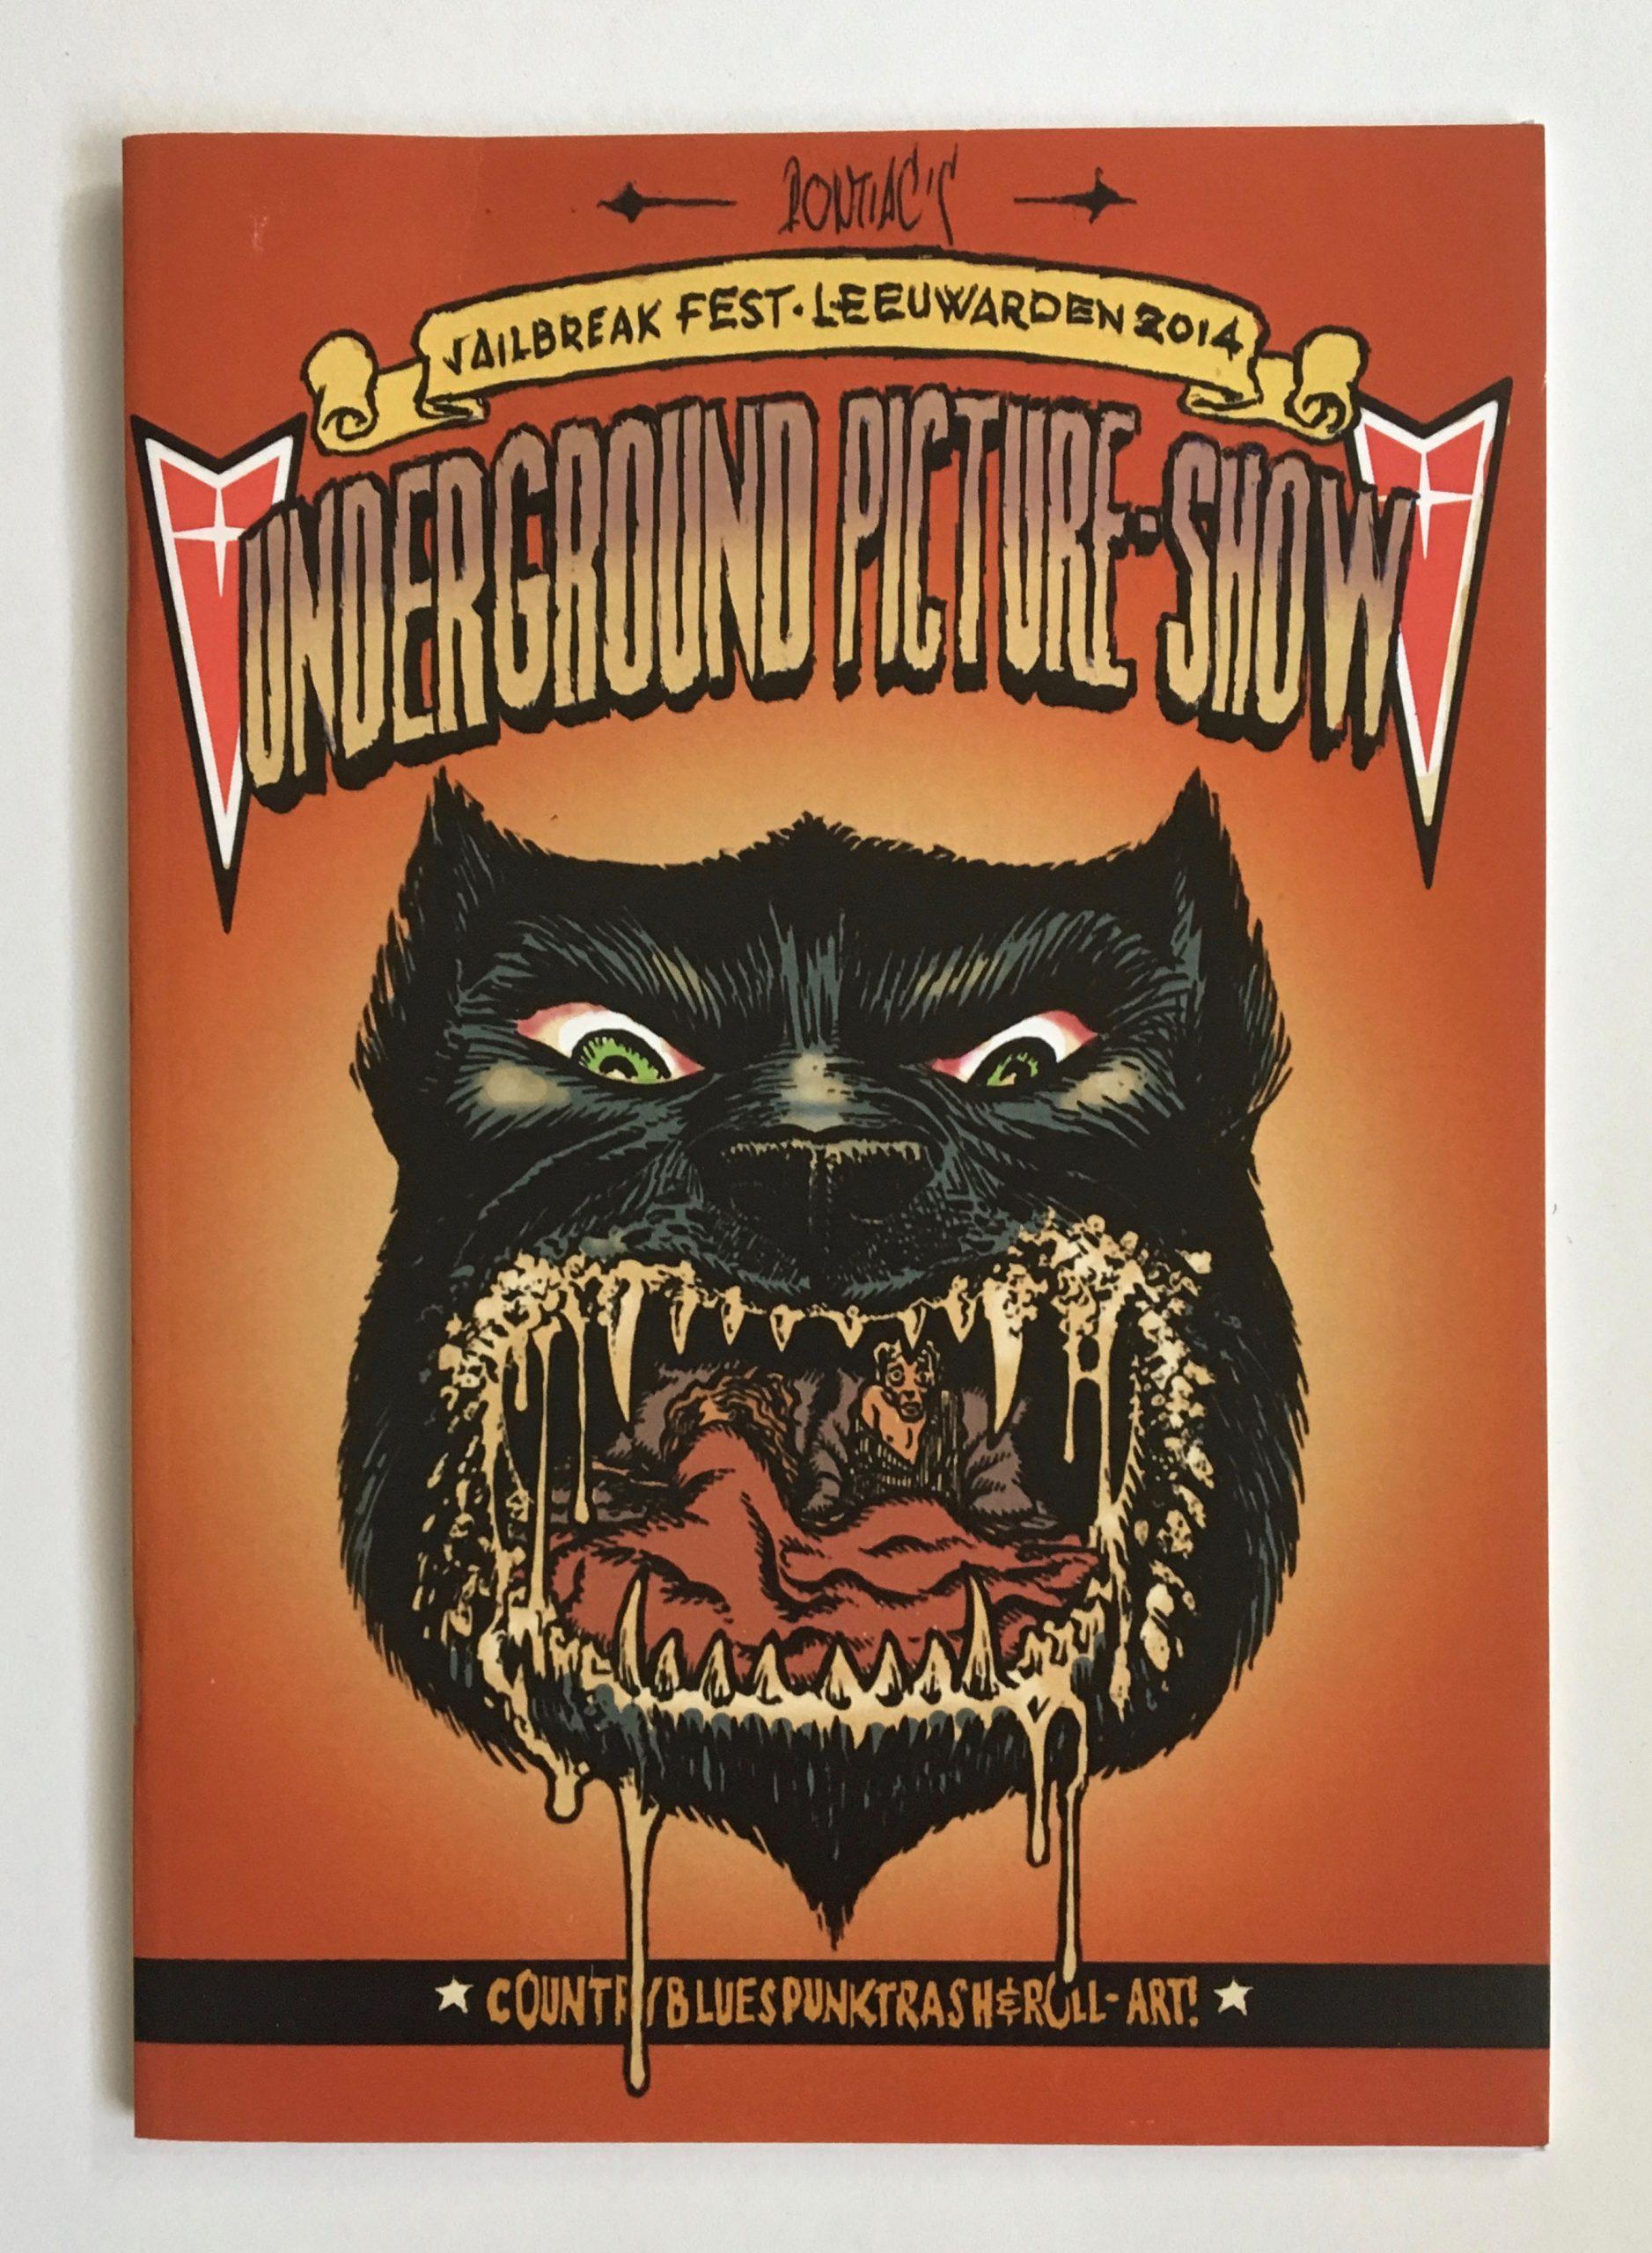 Underground Picture-Show